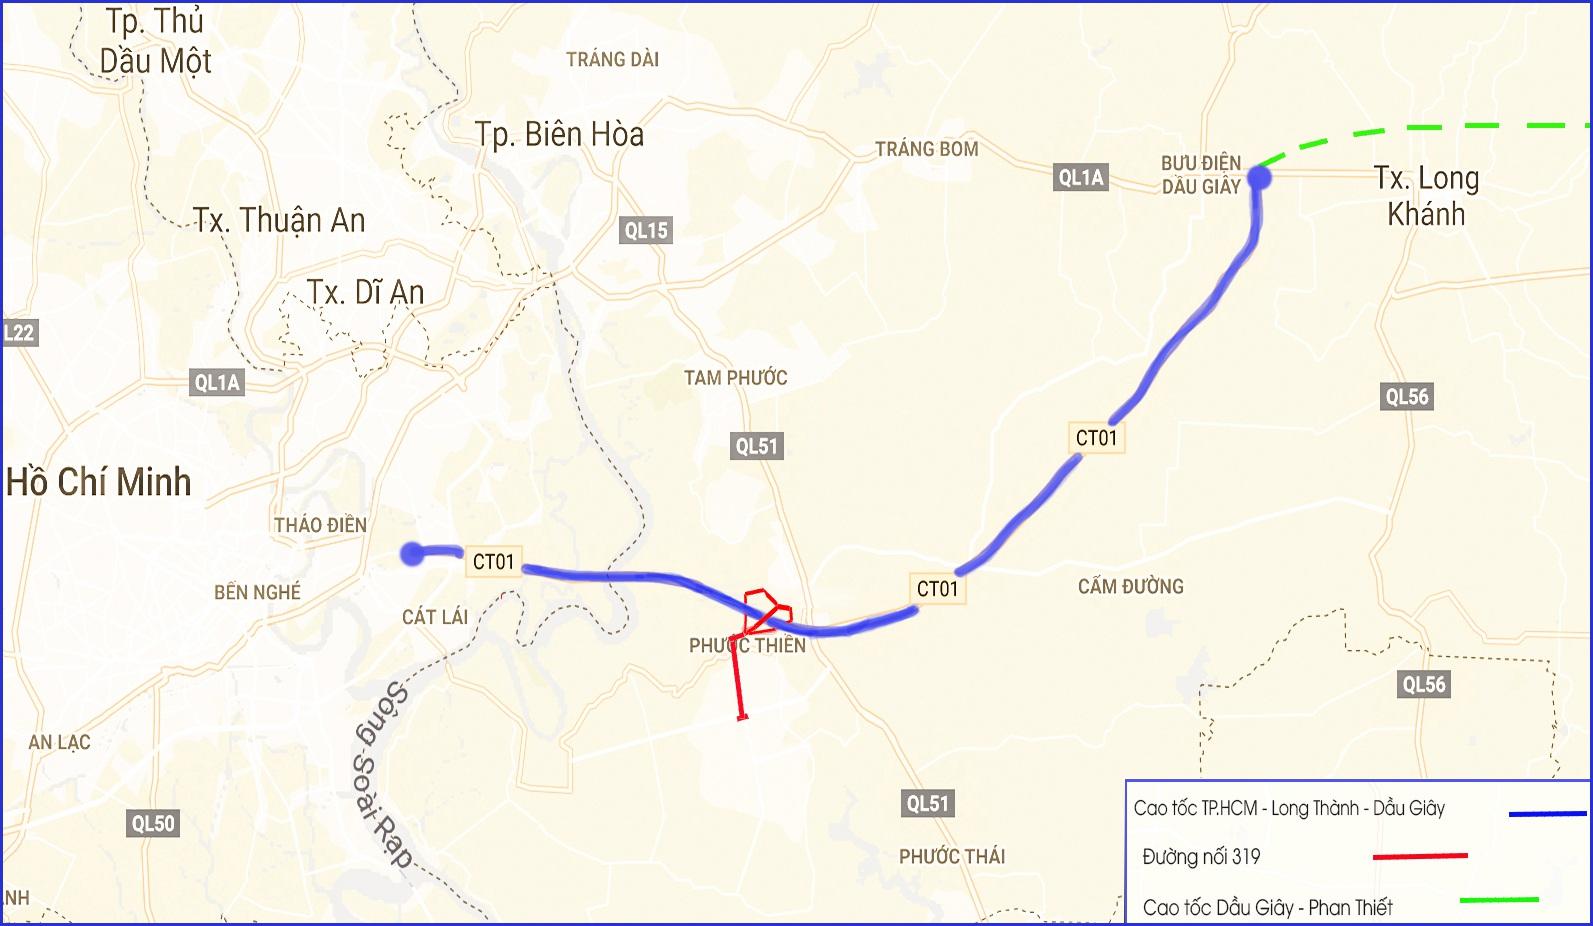 Gấp rút thi công các nút giao trọng điểm cao tốc Long Thành - Dầu Giây - 5